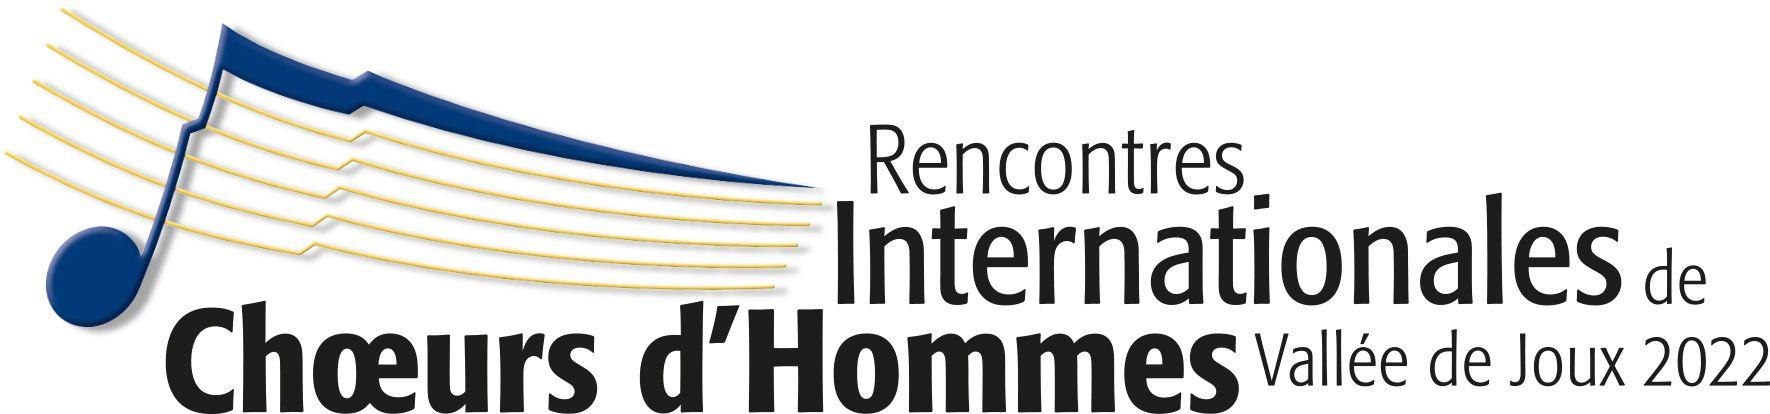 Rencontres Internationales de Choeurs d'Hommes Vallée de Joux